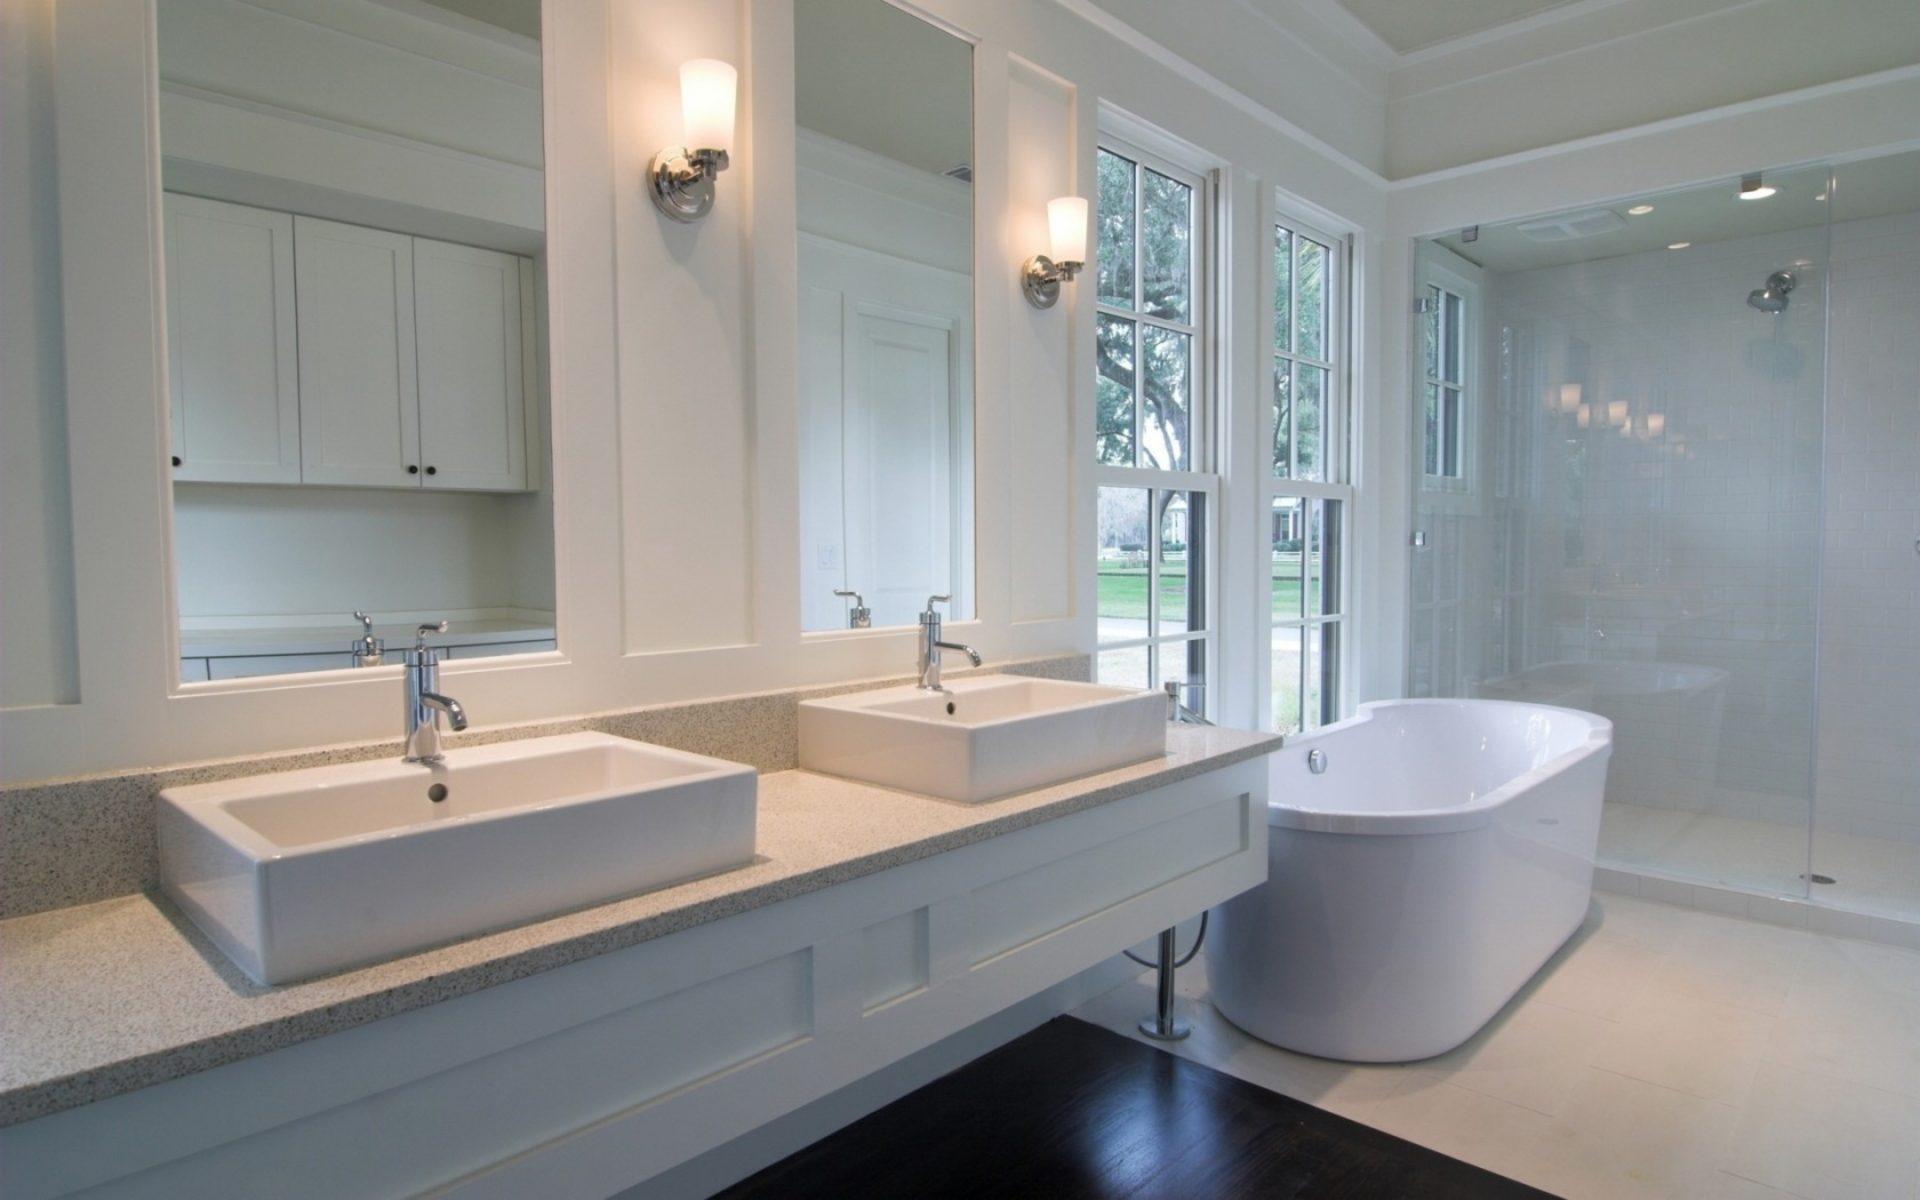 San Antonio bathroom remodeling trends bathroom cabinets countertops tile flooring renovation contractors